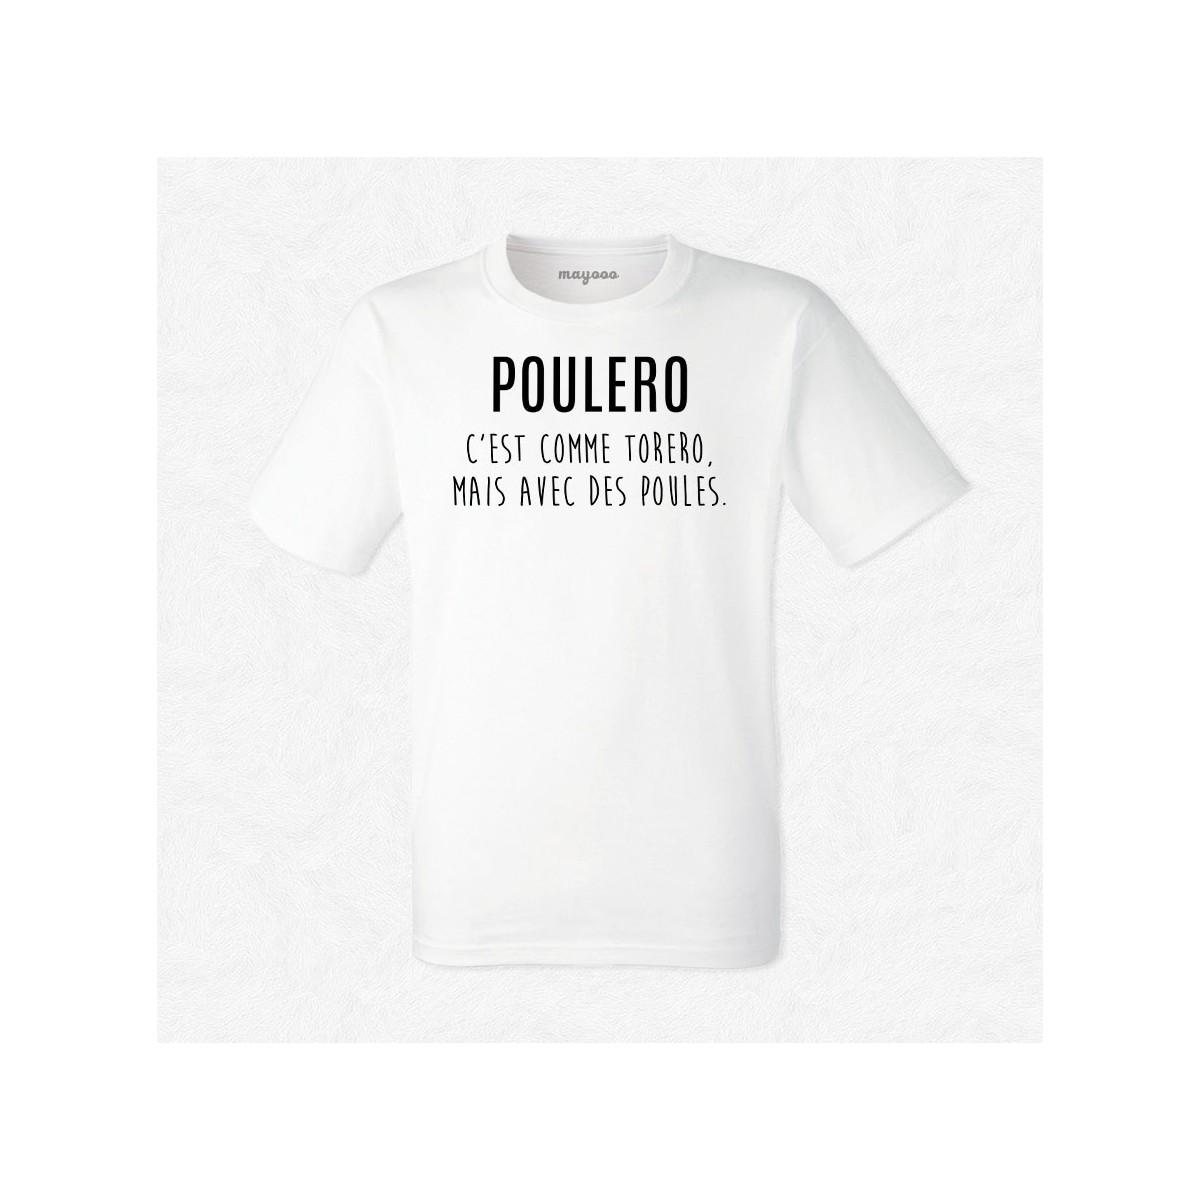 T-shirt Poulero